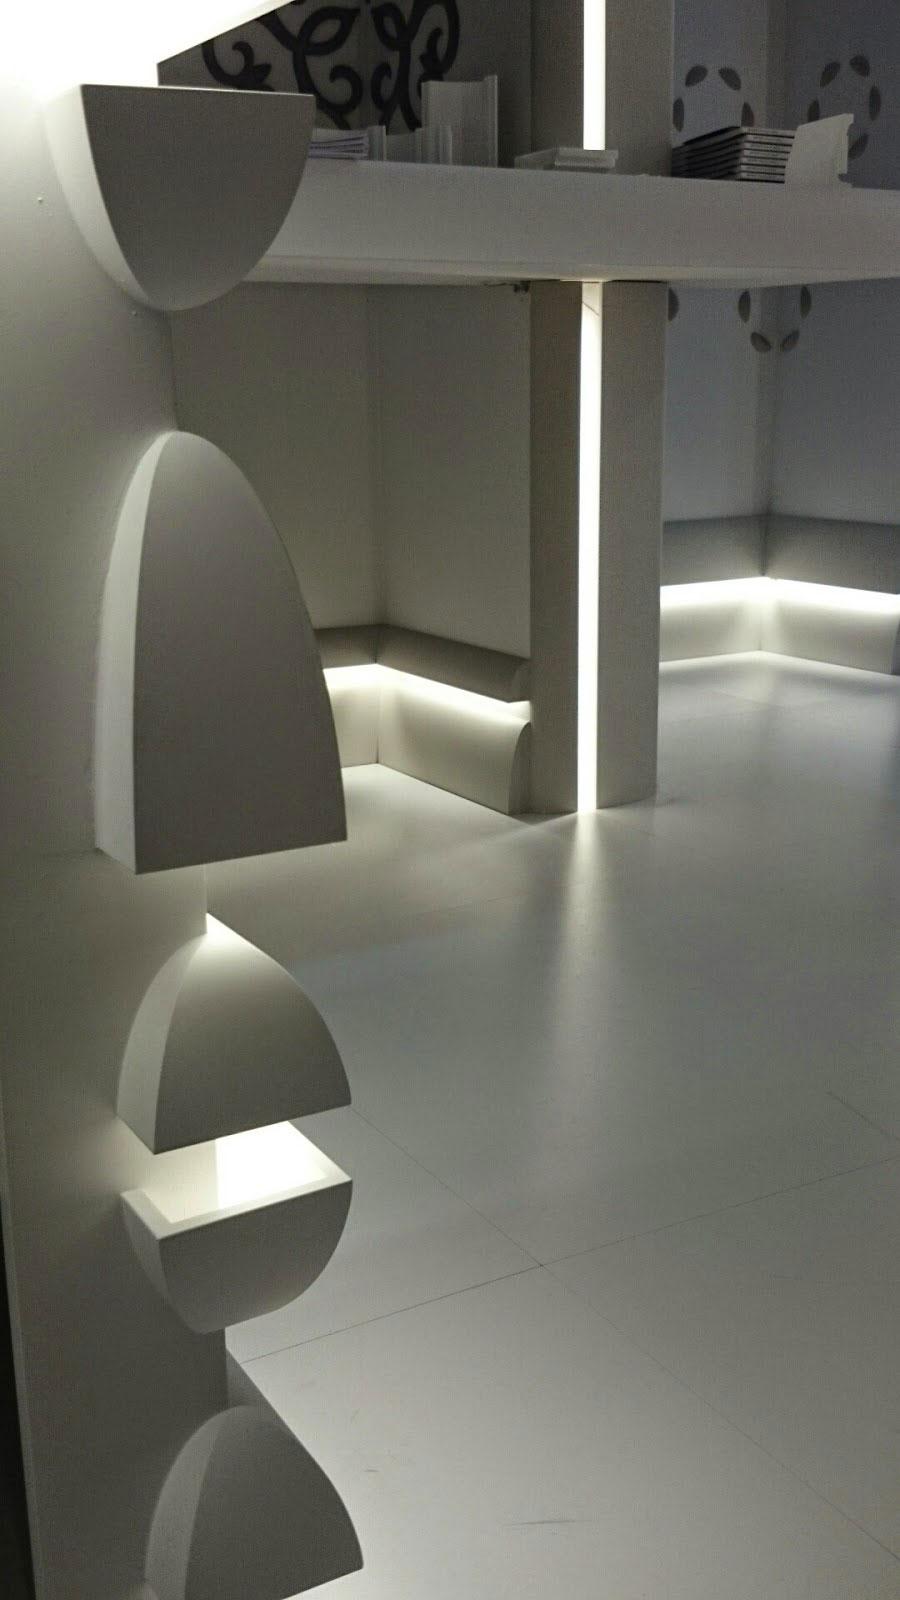 diy crown molding for indirect lighting getdatgadget